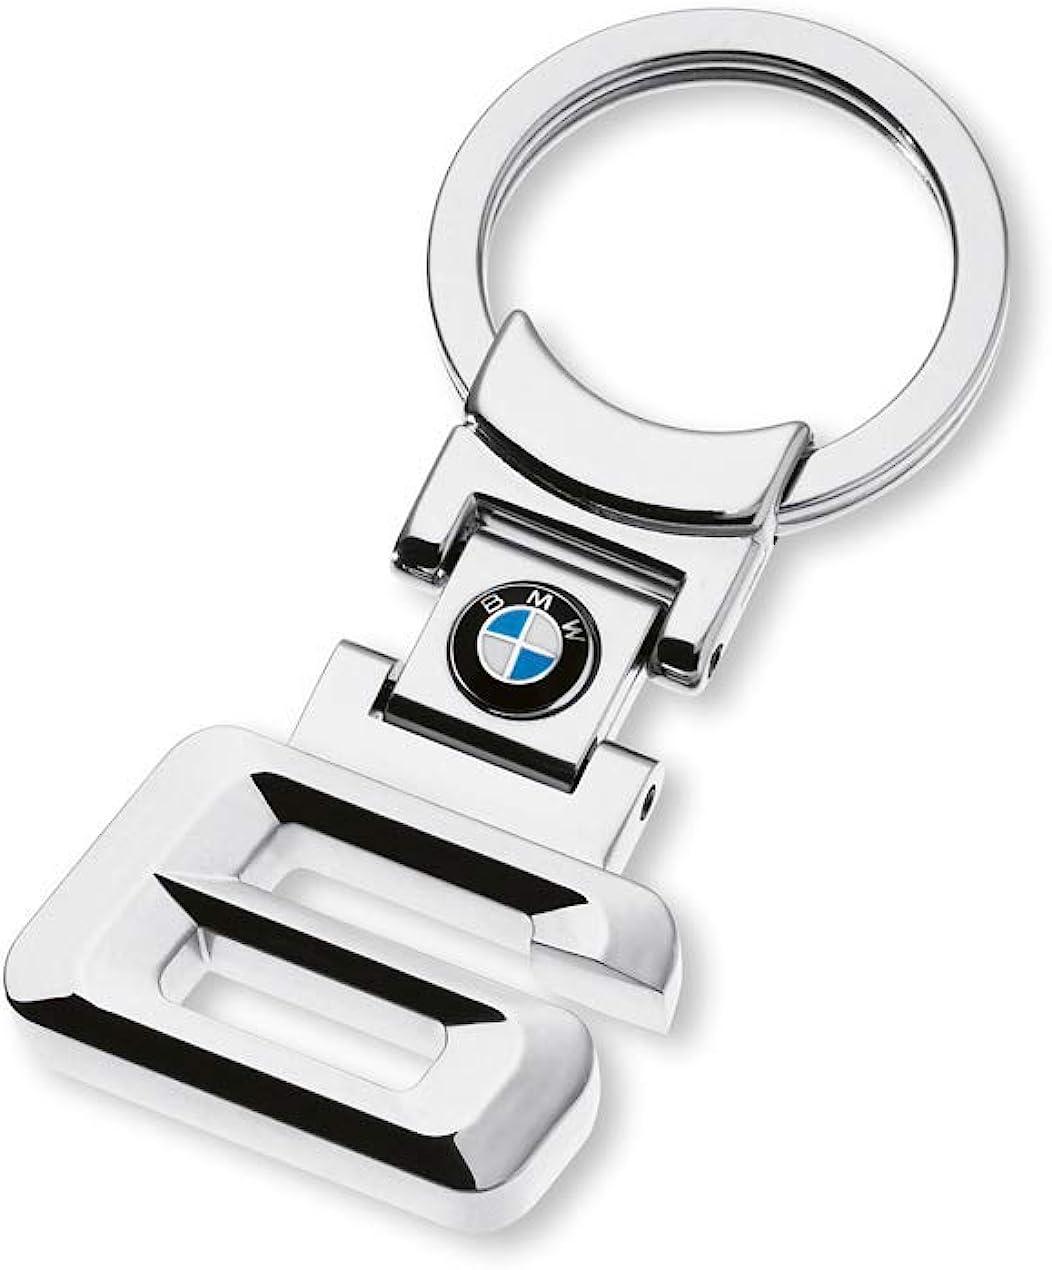 Original Bmw 6er 6 Er Schlüsselanhänger Anhänger Mit Geschenkbox Bekleidung